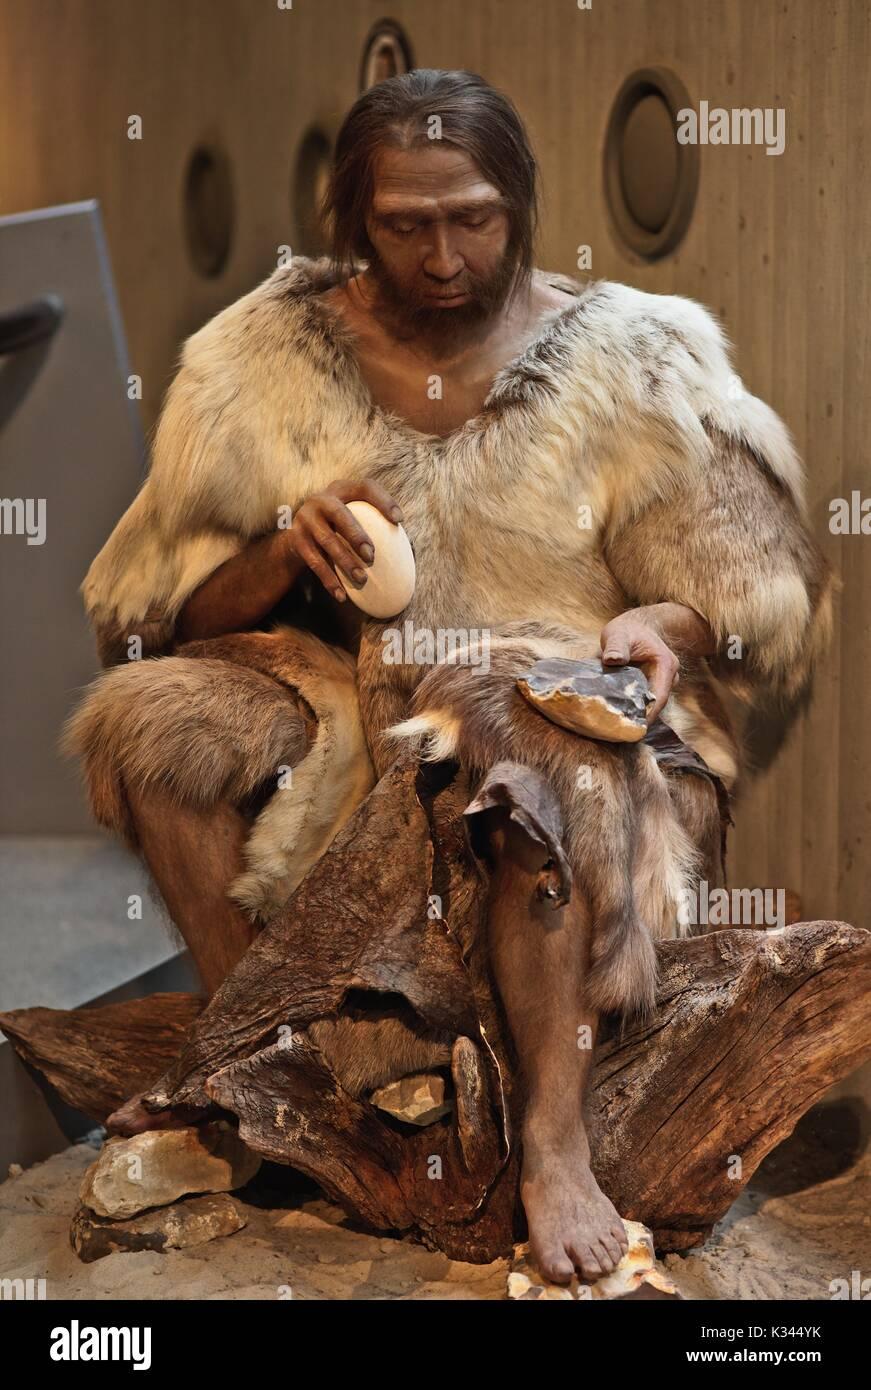 neanderthal-museum-figures-K344YK.jpg